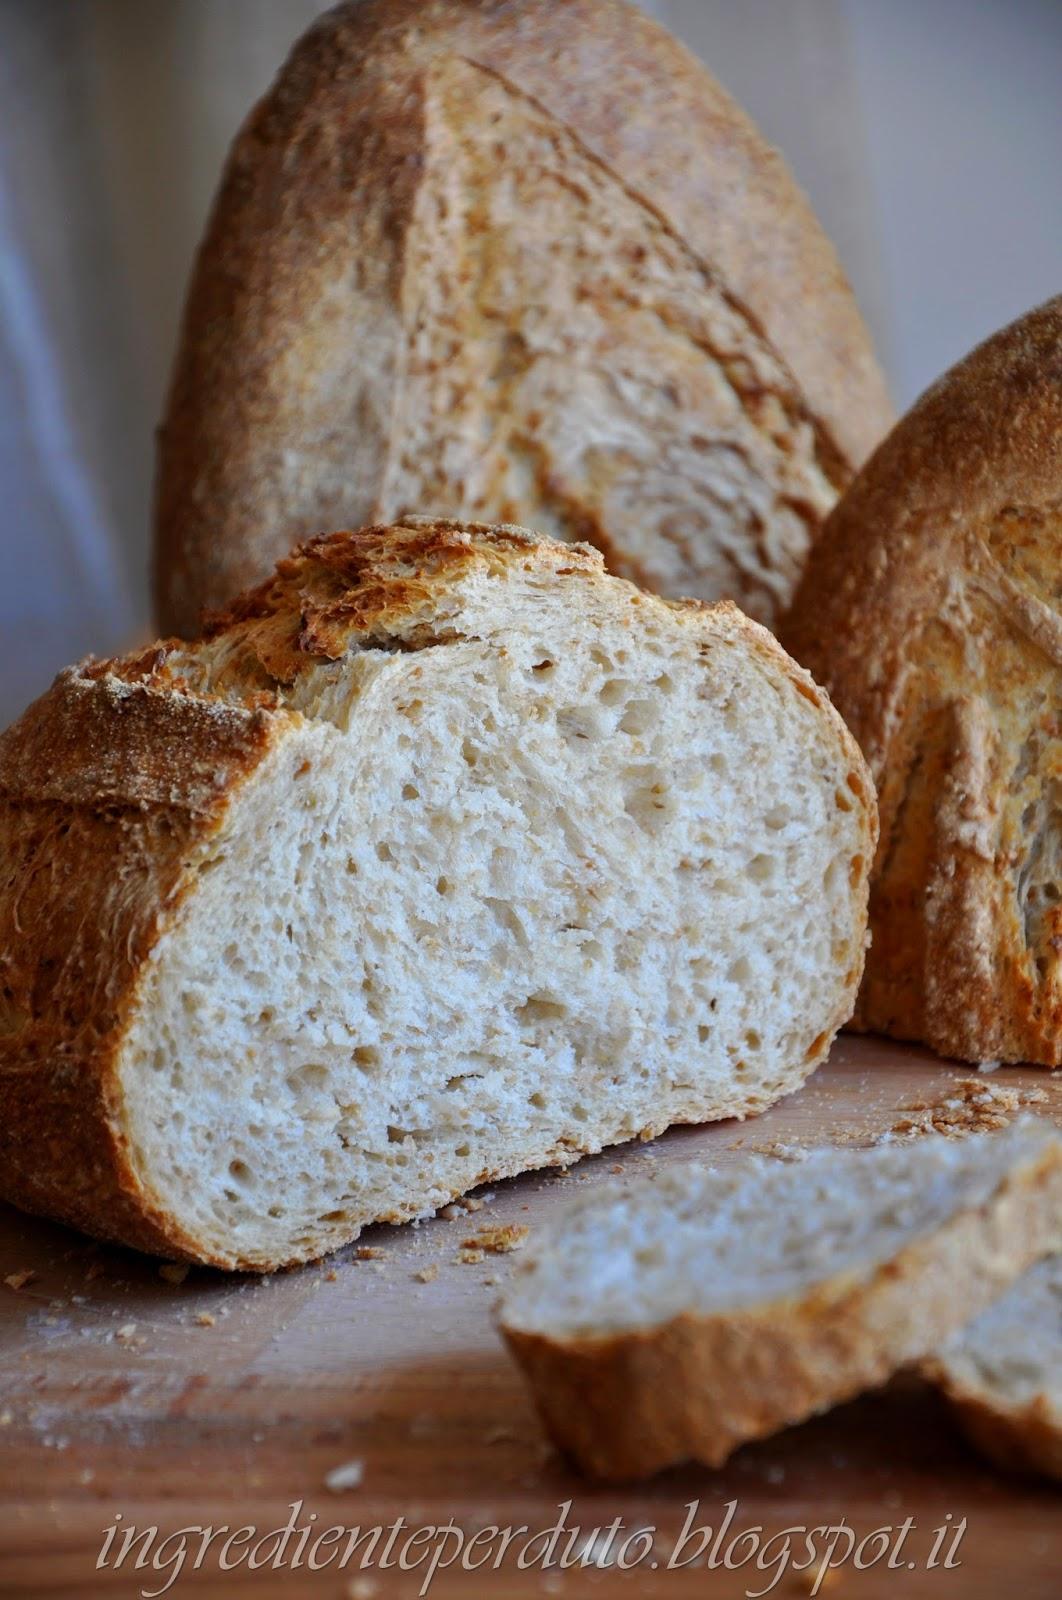 pane con grano spezzato-ingrediente perduto